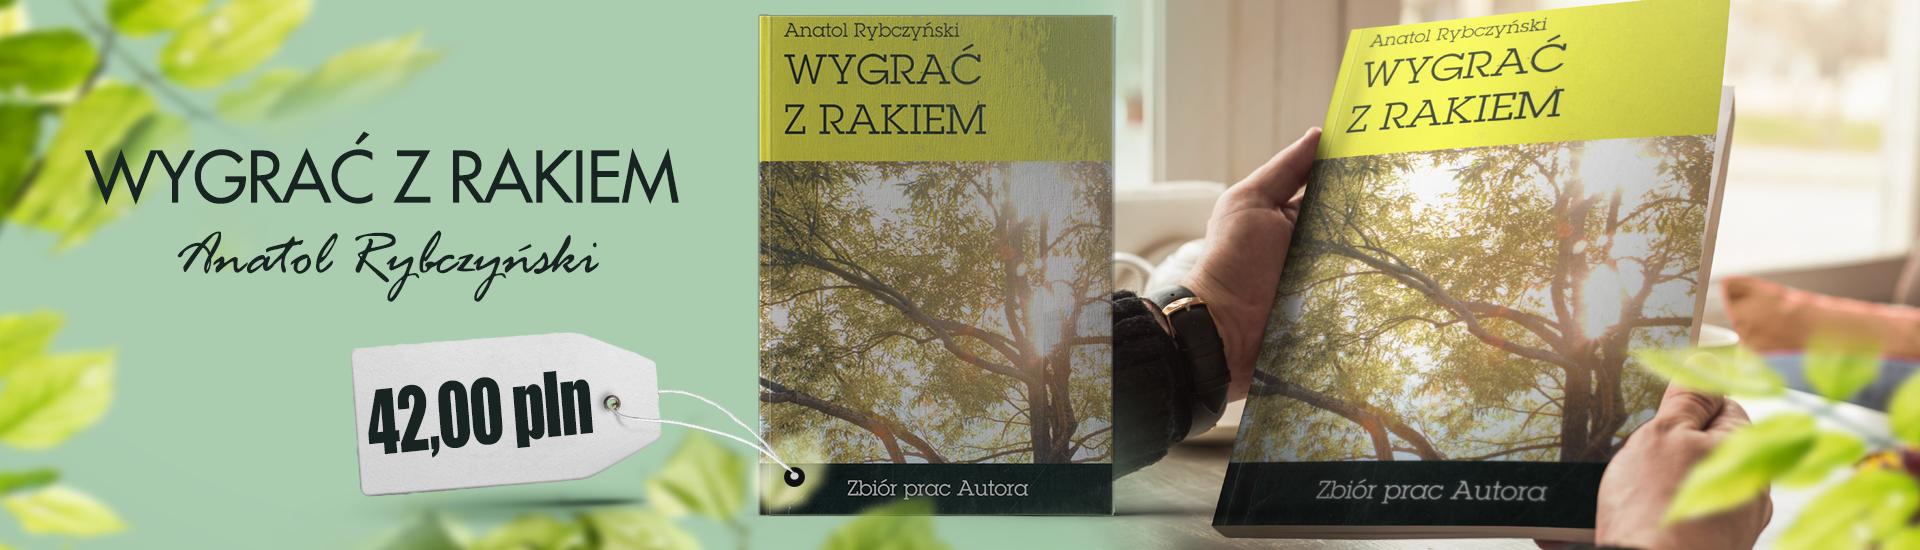 Wygrać z rakiem - Anatol Rybczyński